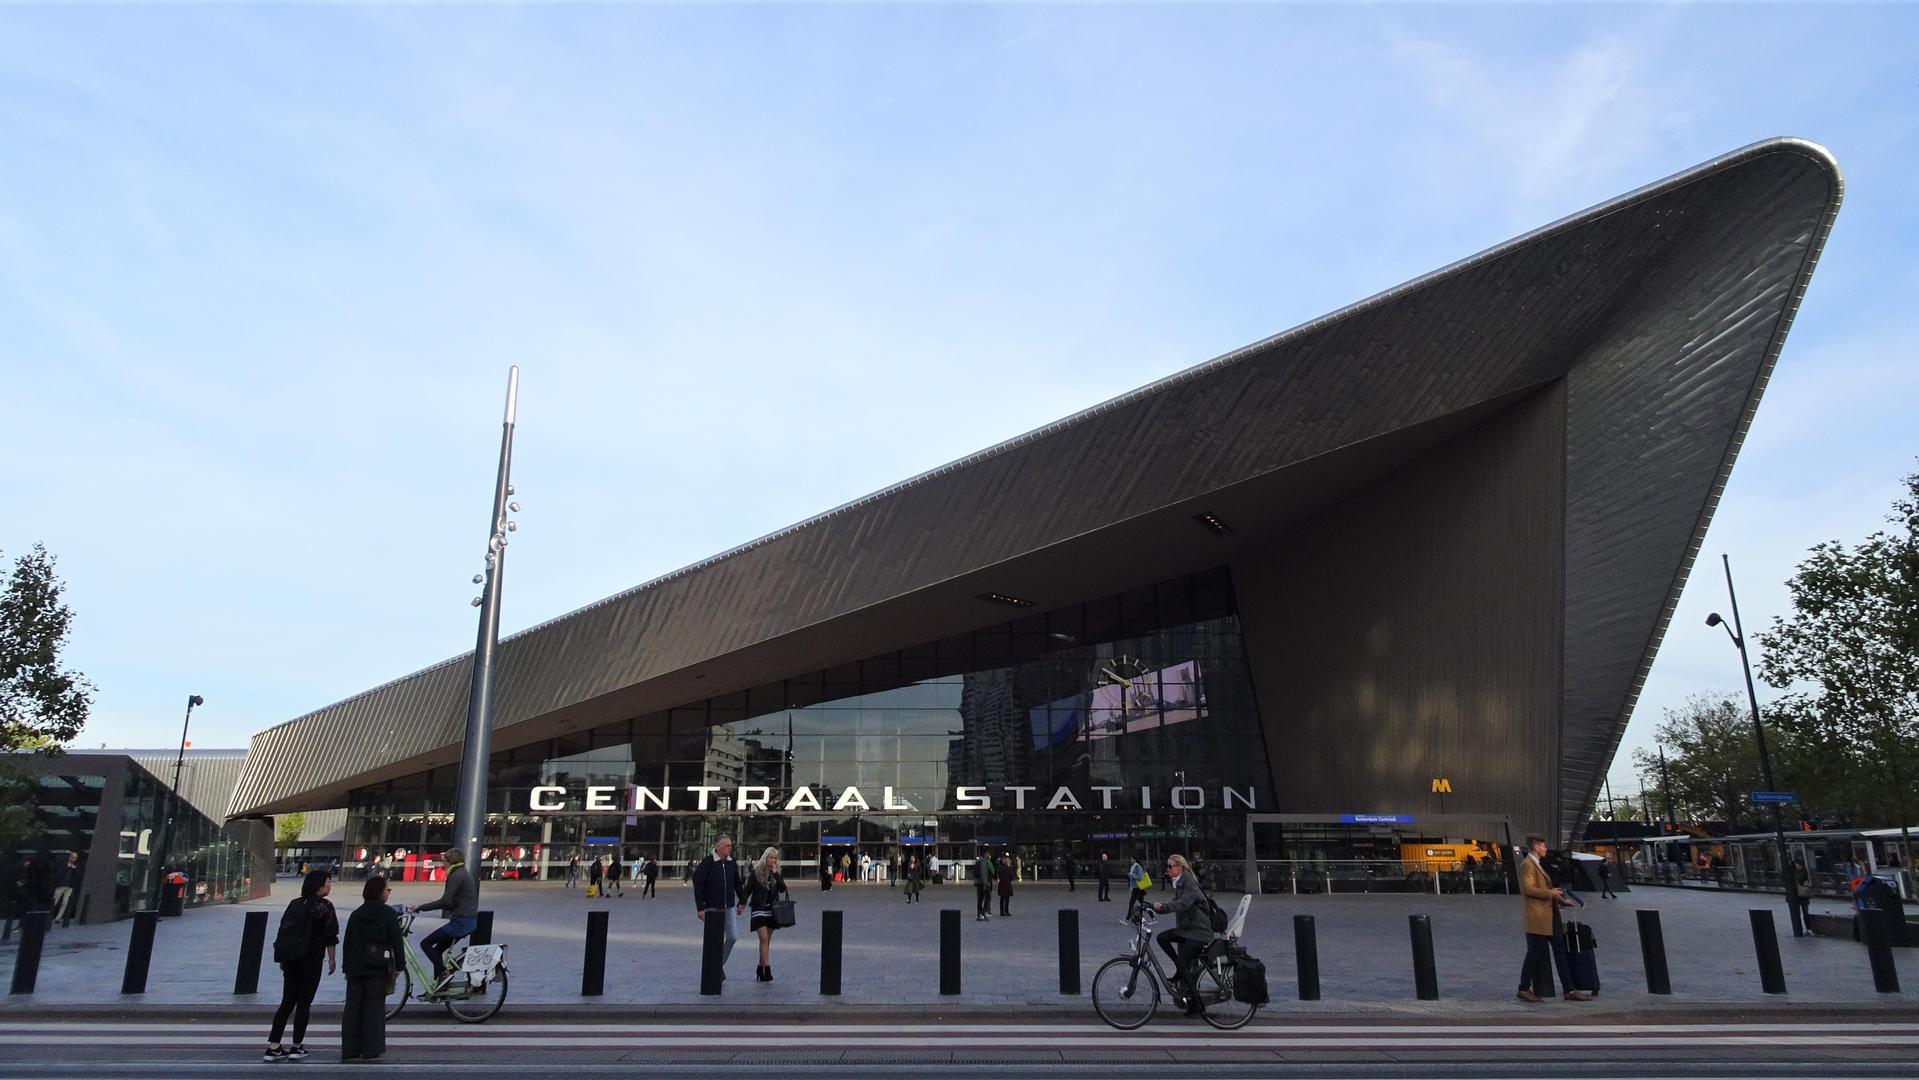 Centraal Station. Róterdam, Holanda.